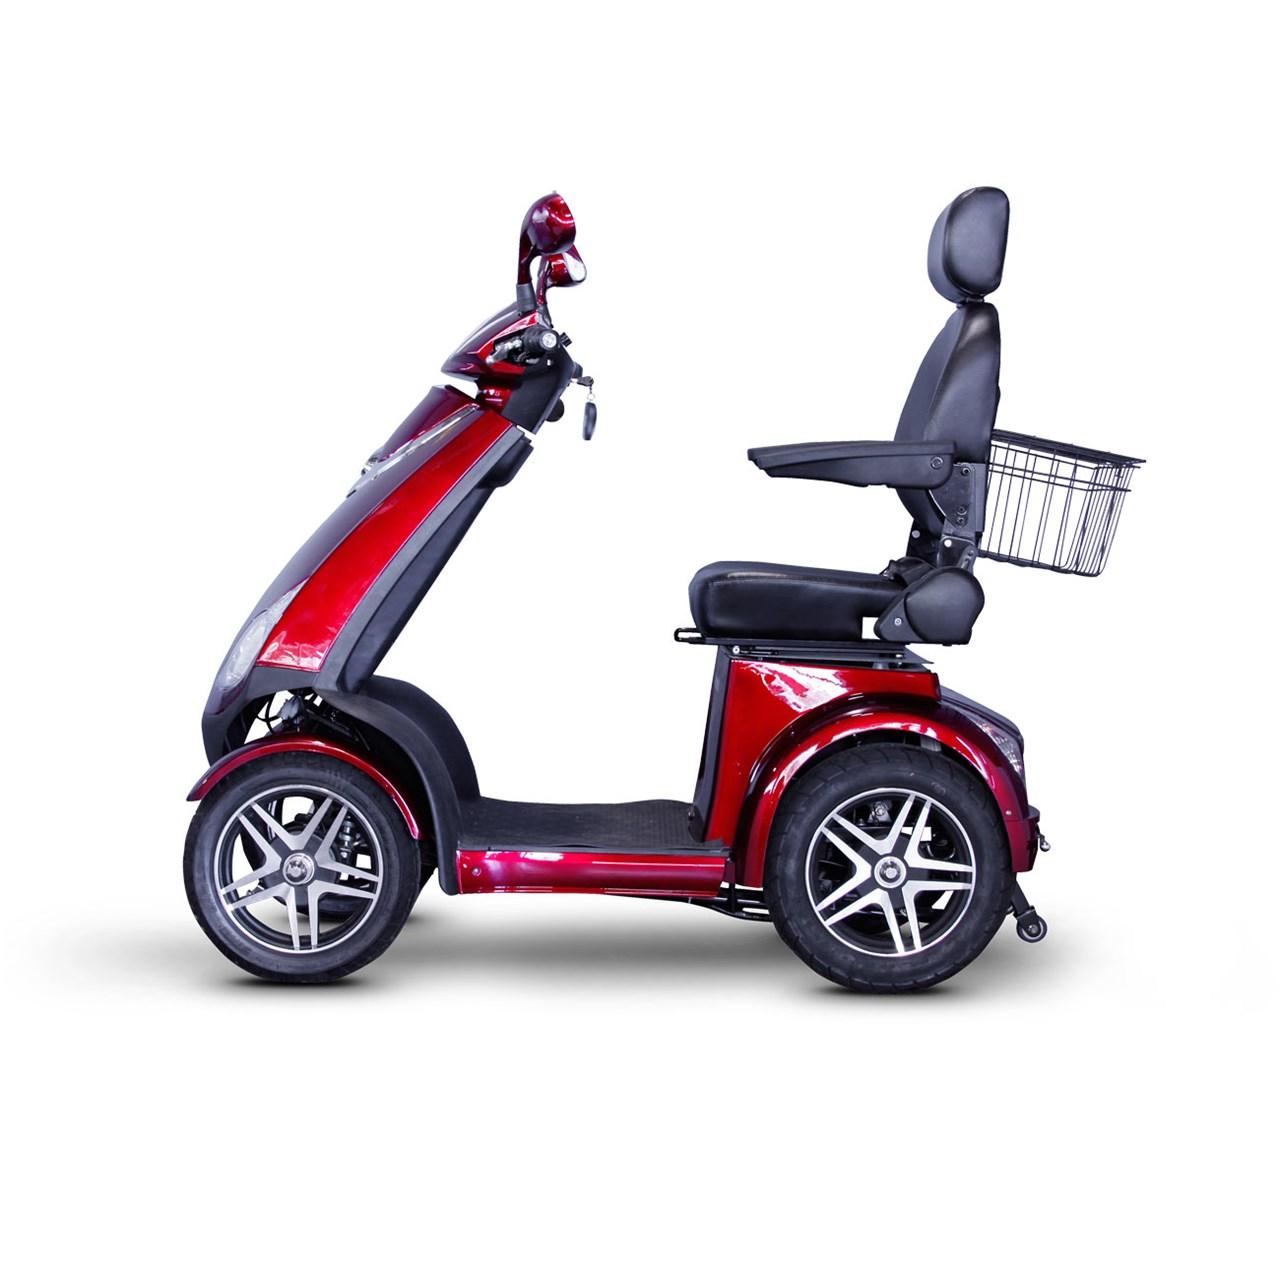 Maxiaids E Wheels Ew 72 4 Wheel Electric Senior Mobility